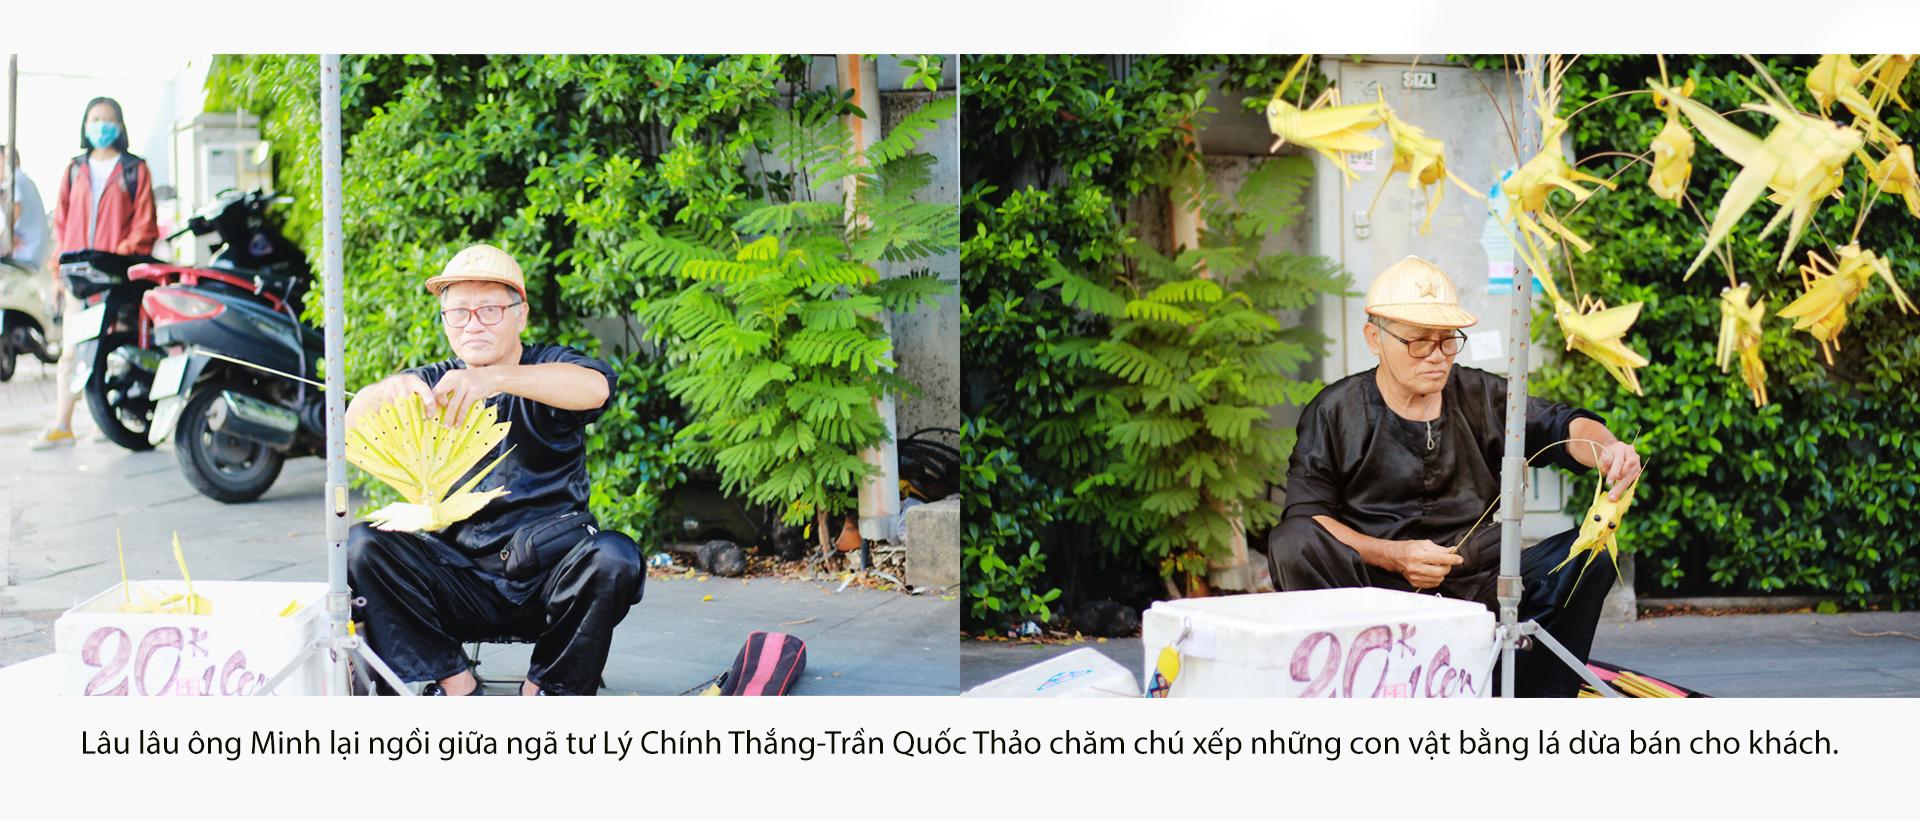 Họa sĩ già bán cào cào chở tuổi thơ đi khắp Sài Gòn - ảnh 13